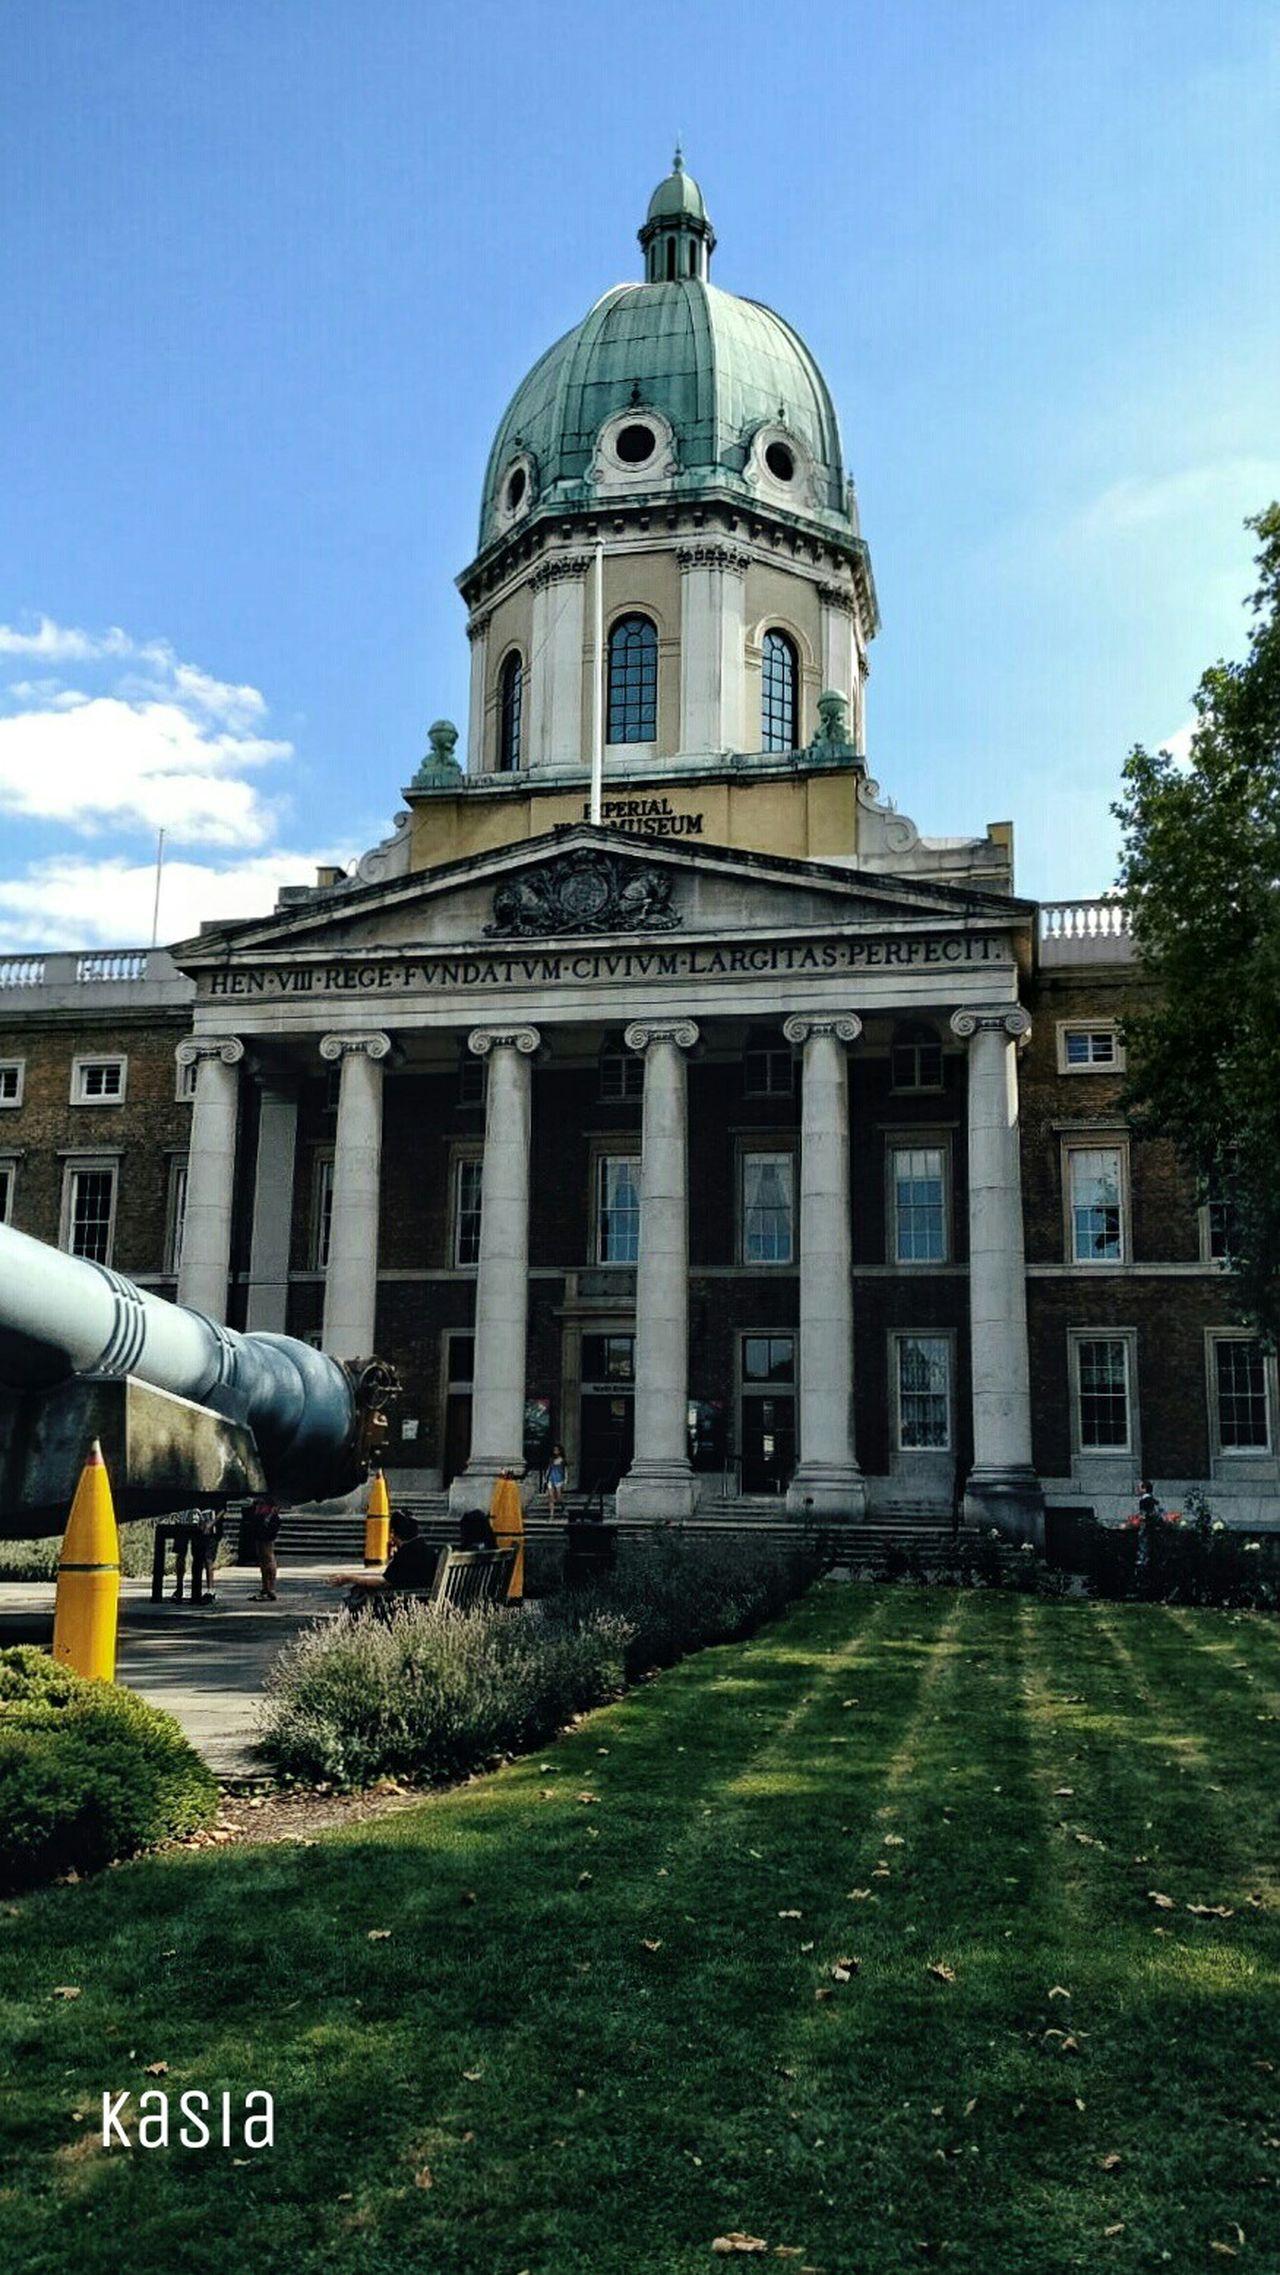 Imperial War Museum London Uk